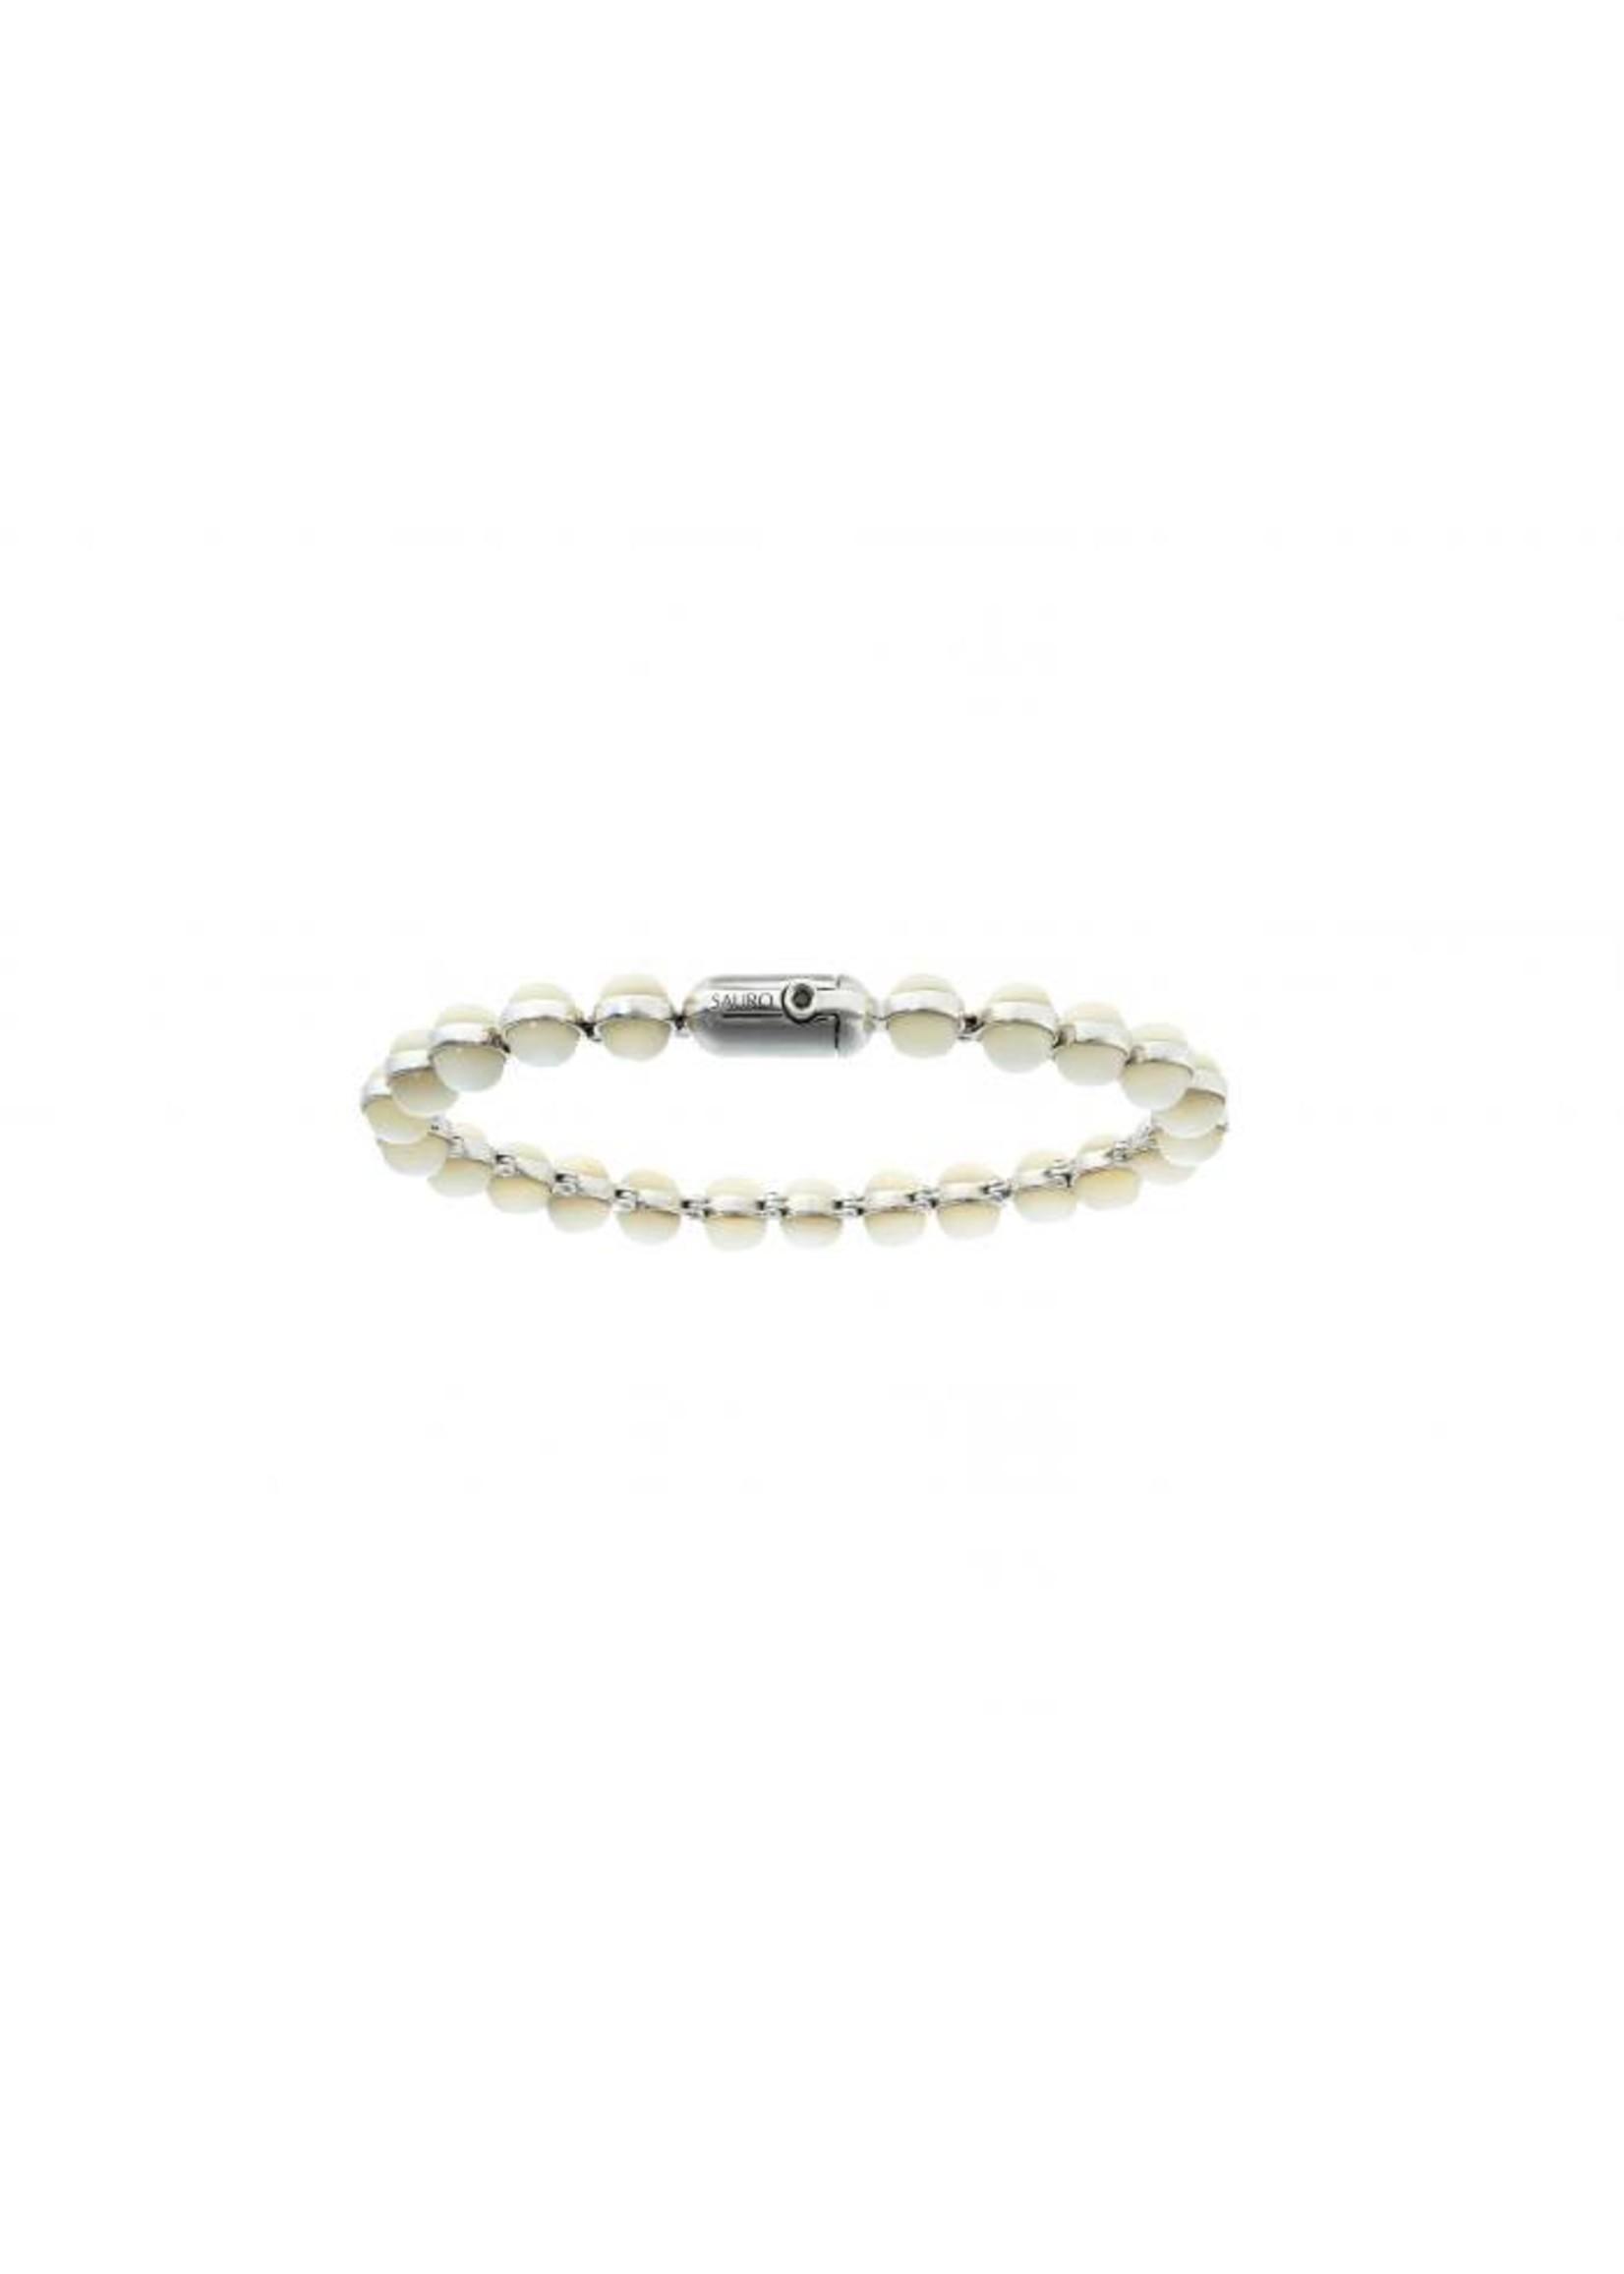 SAURO SAURO Minisphera White Mother of Pearl Bracelet #358